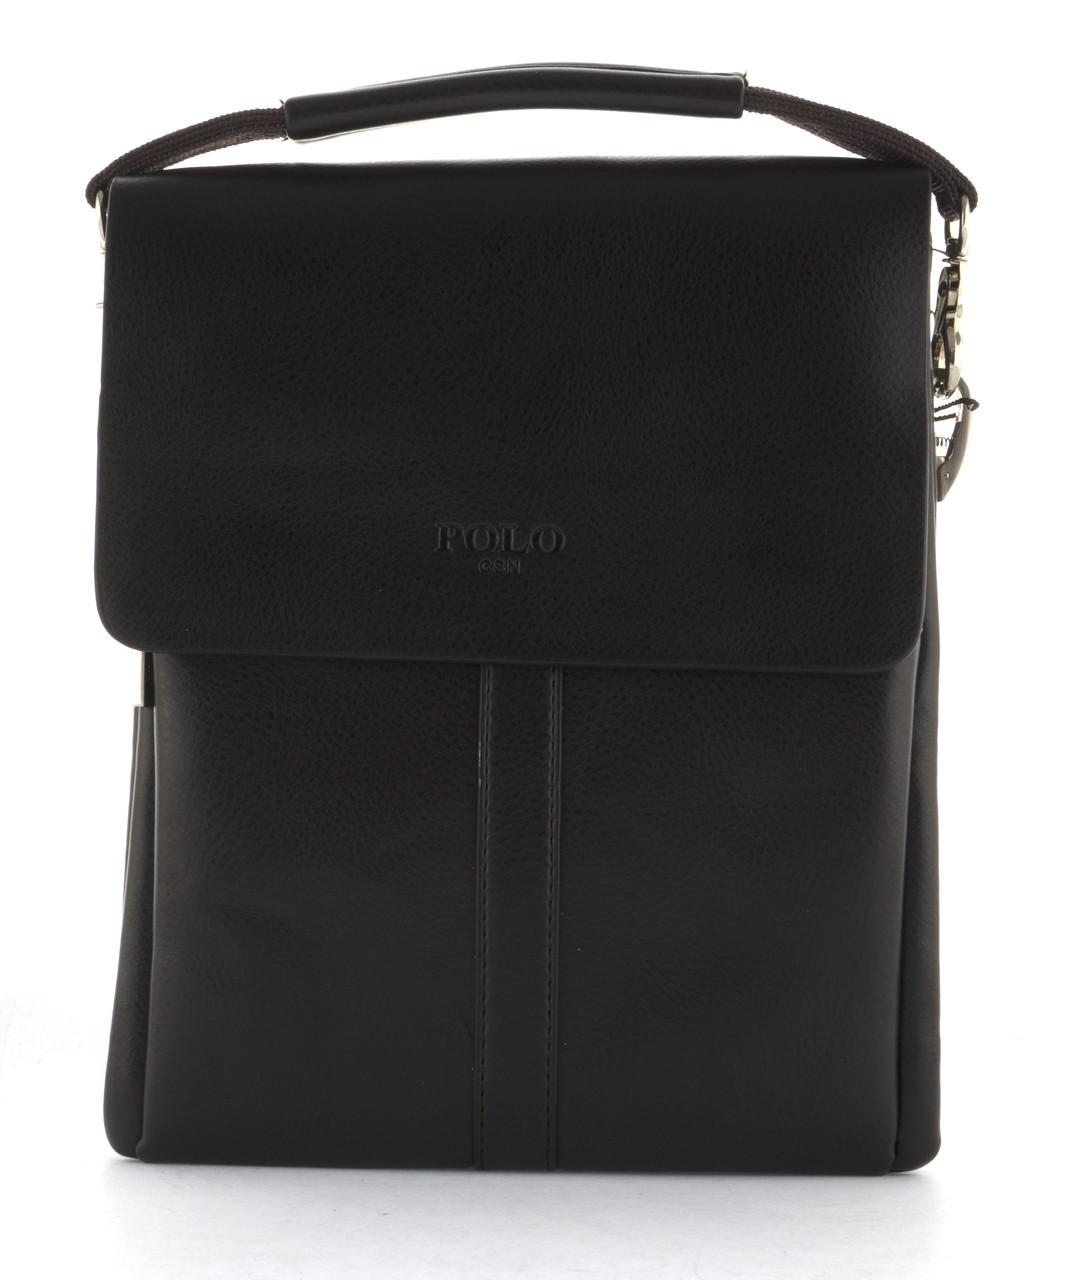 Удобная мужская стильная прочная сумка из качественно PU кожи POLO art. B3386-2 коричневая